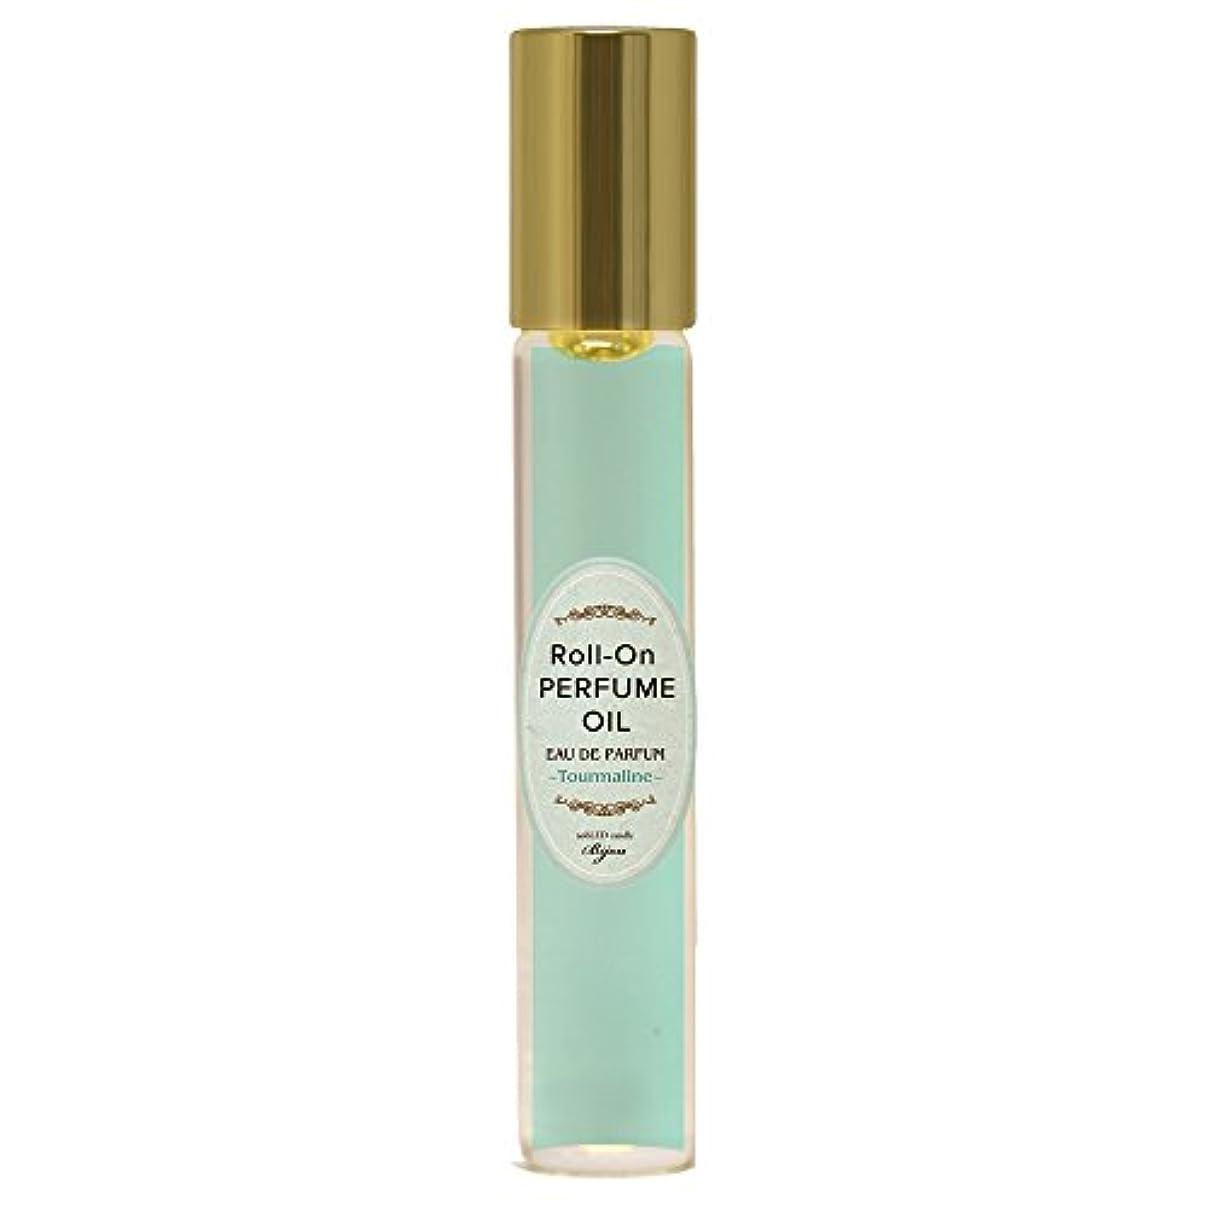 イブ女性辞書nobLED candle Bijou ロールオンパフュームオイル トルマリン Tourmaline Roll-On PERFUME OIL ノーブレッド キャンドル ビジュー